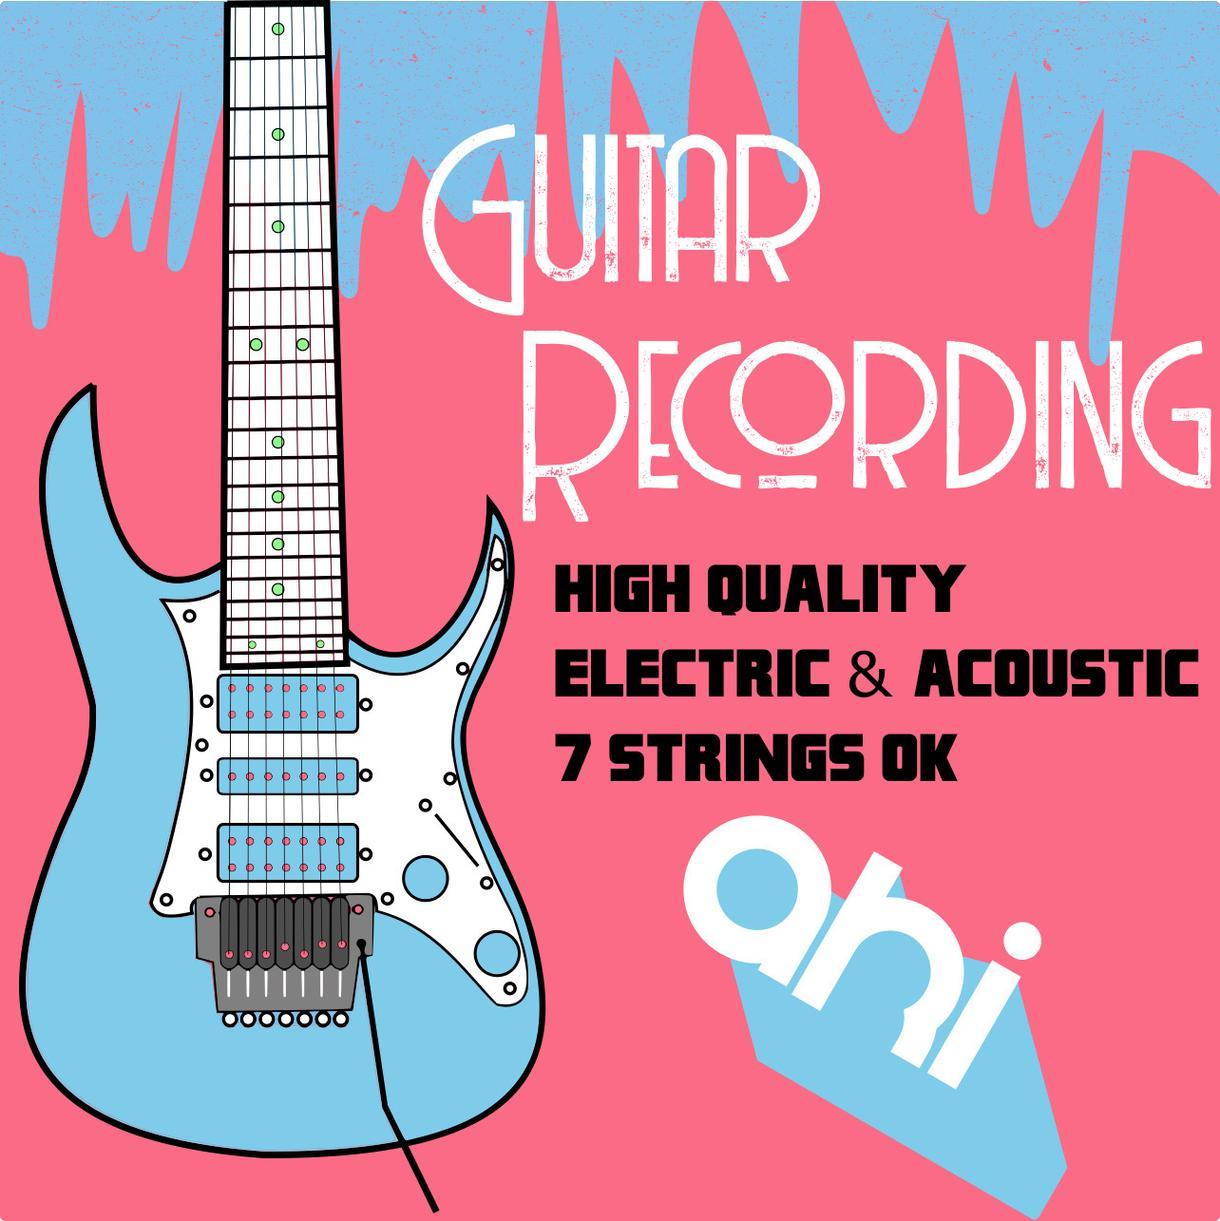 ギター録音(エレキ・アコースティック)を承ります 超プロ級のギター演奏をあなたへ 7弦ギター可